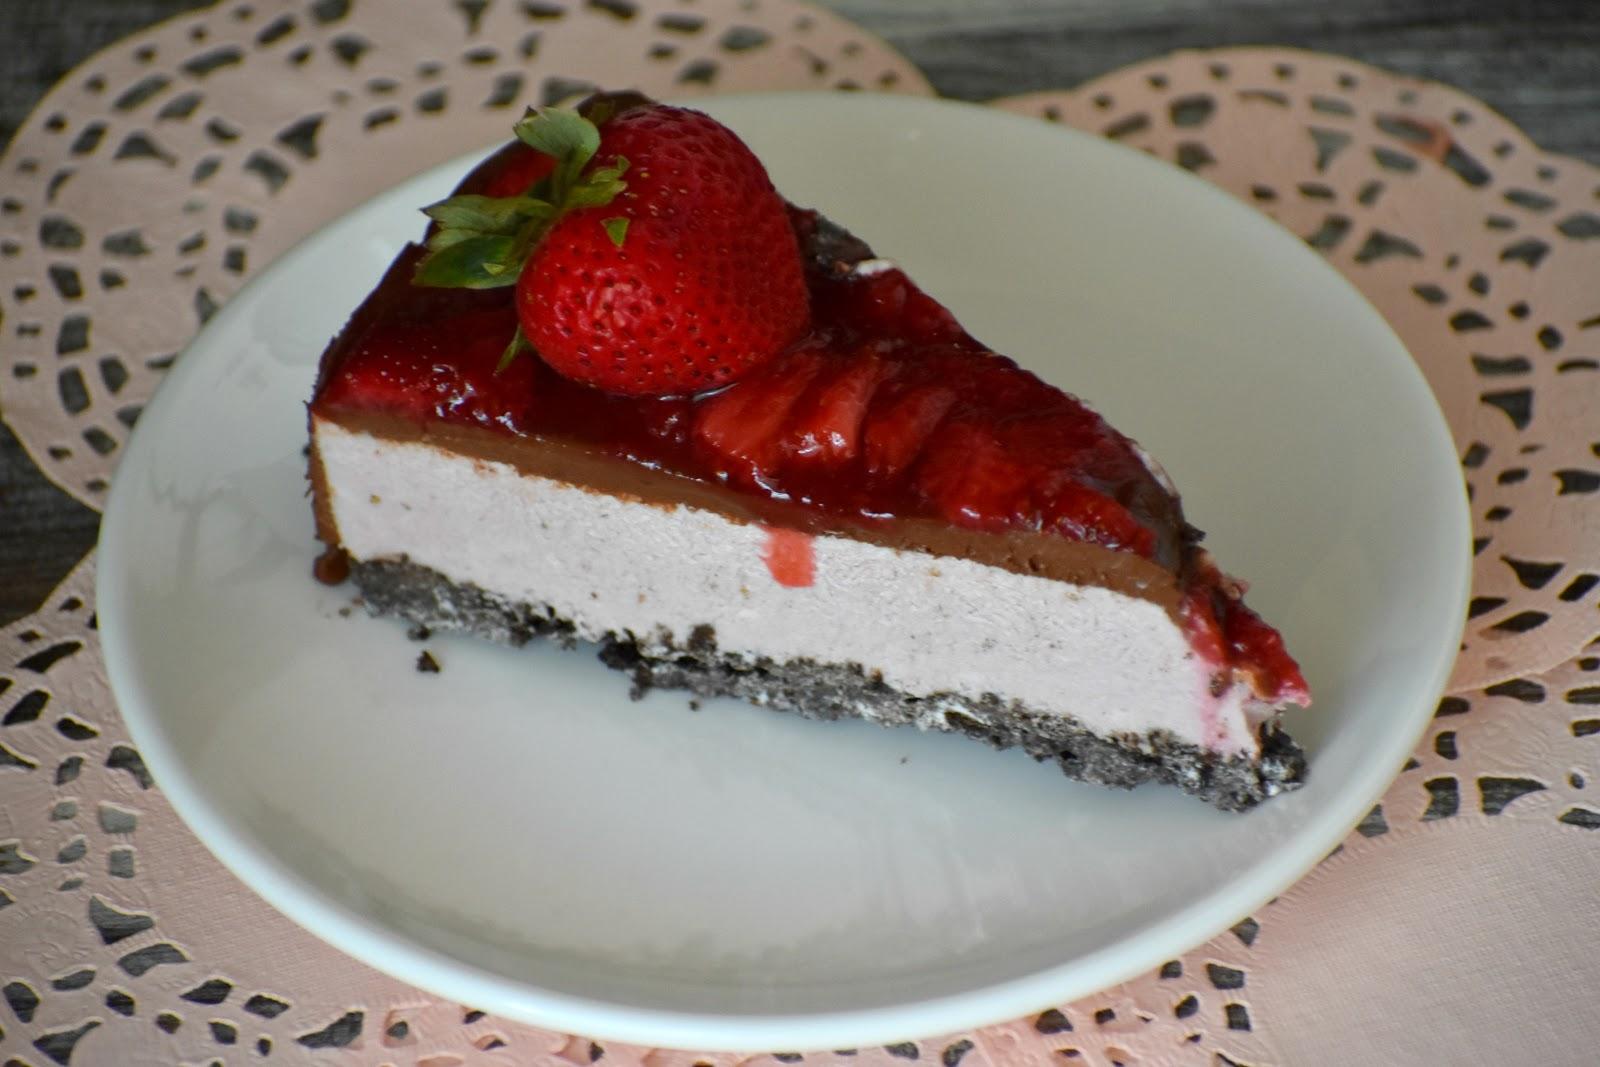 Strawberry Chocolate No Bake Cheesecake Gluten Free and Vegan